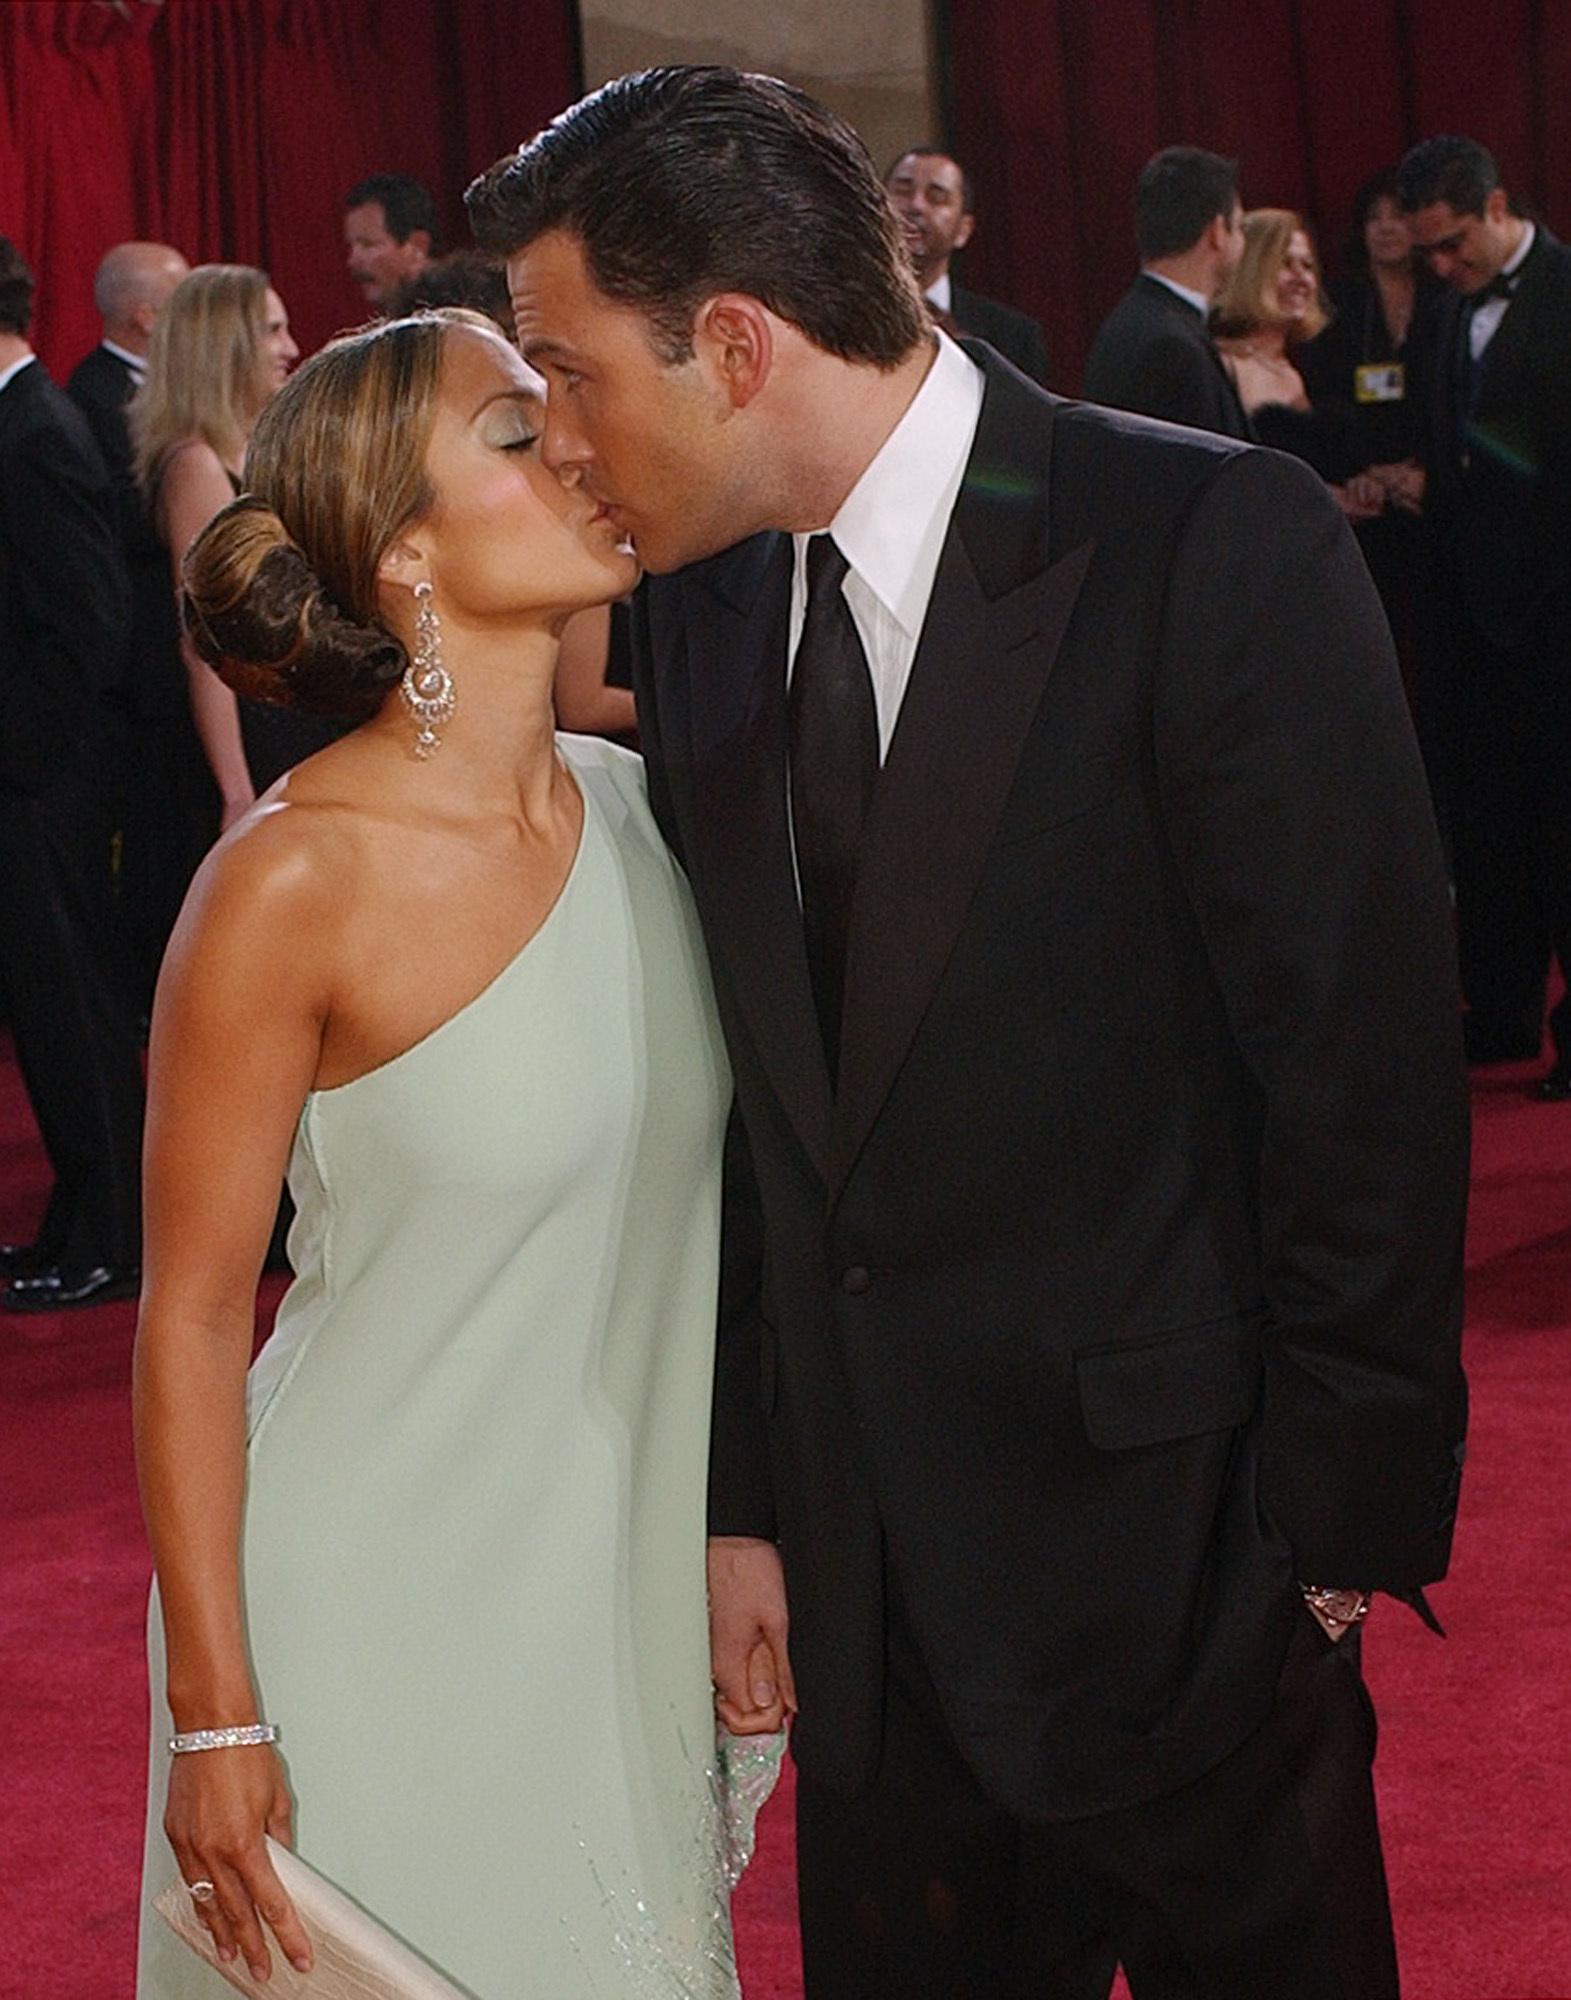 Jennifer Lopez Ben Affleck 2003 Oscars